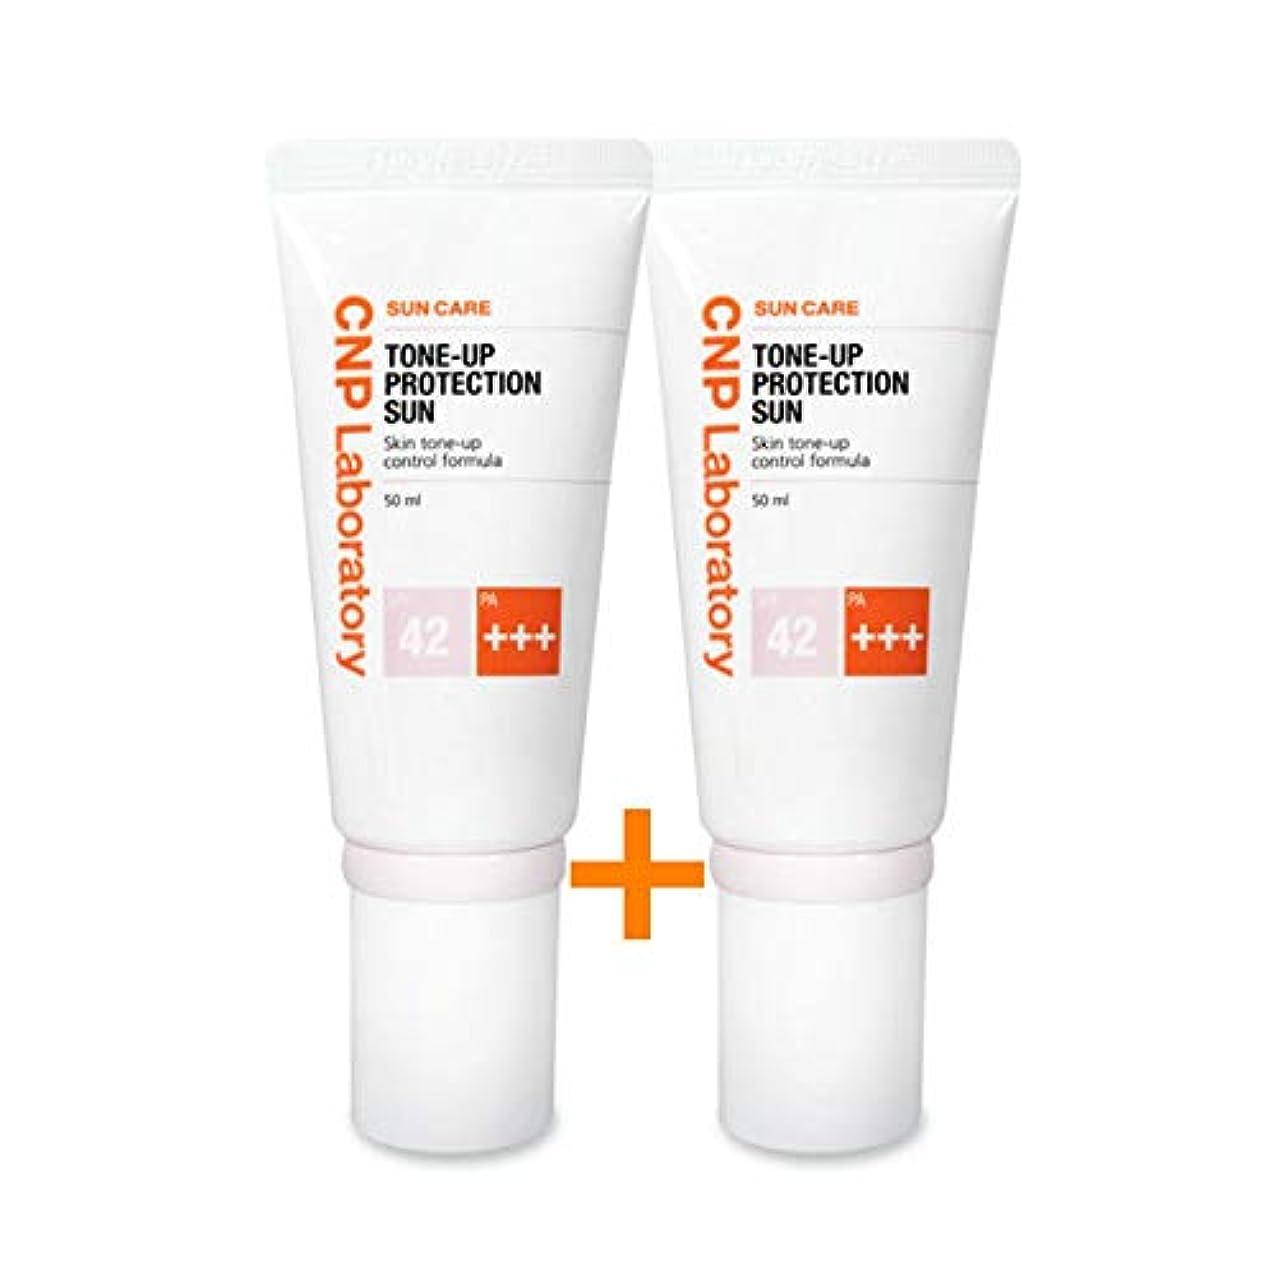 涙が出るウェーハ模倣[ 1 + 1 ] CNPトンオププロテクションサン?クリーム紫外線遮断剤 (SPF42 / PA+++) 50ml、CNP Tone-up Protection Sun Cream (SPF42 / PA+++) 50ml...